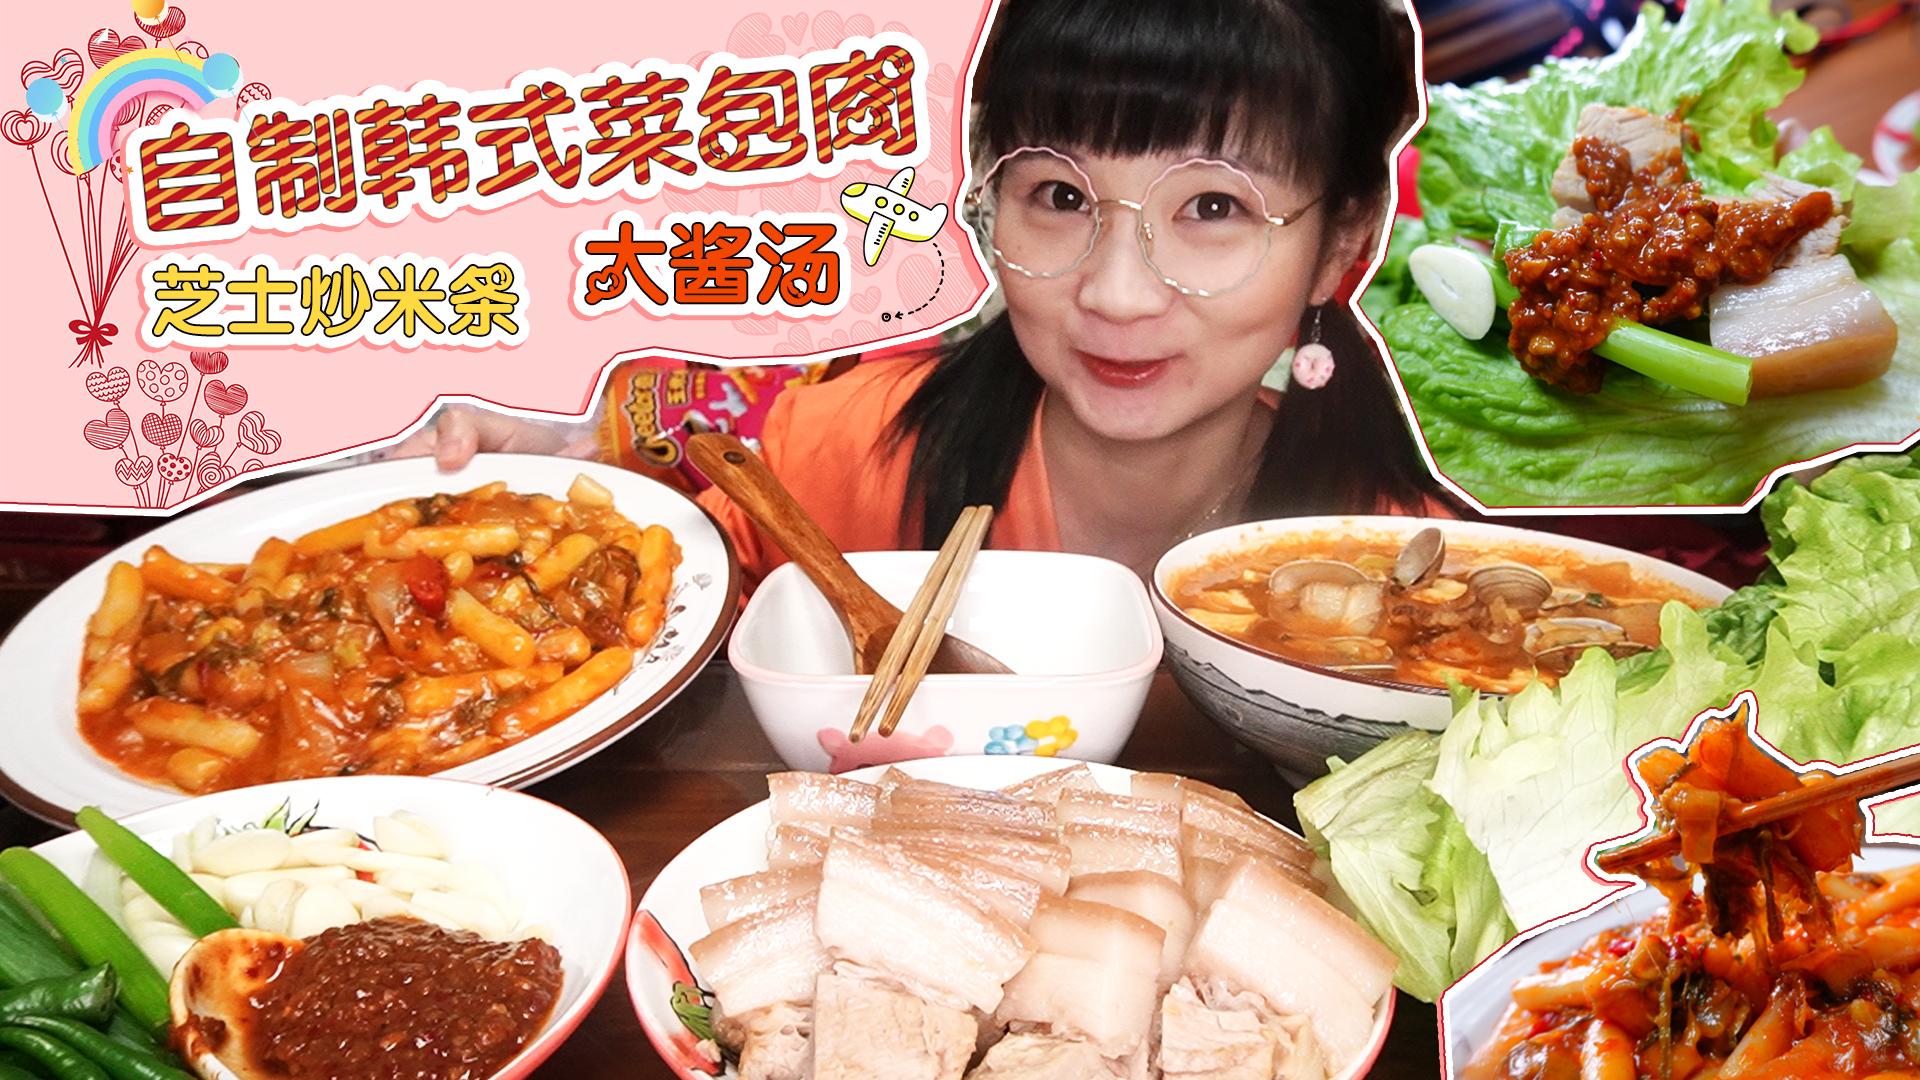 【小猪猪的vlog】宅家自制韩式料理!菜包肉、芝士炒年糕、大酱汤